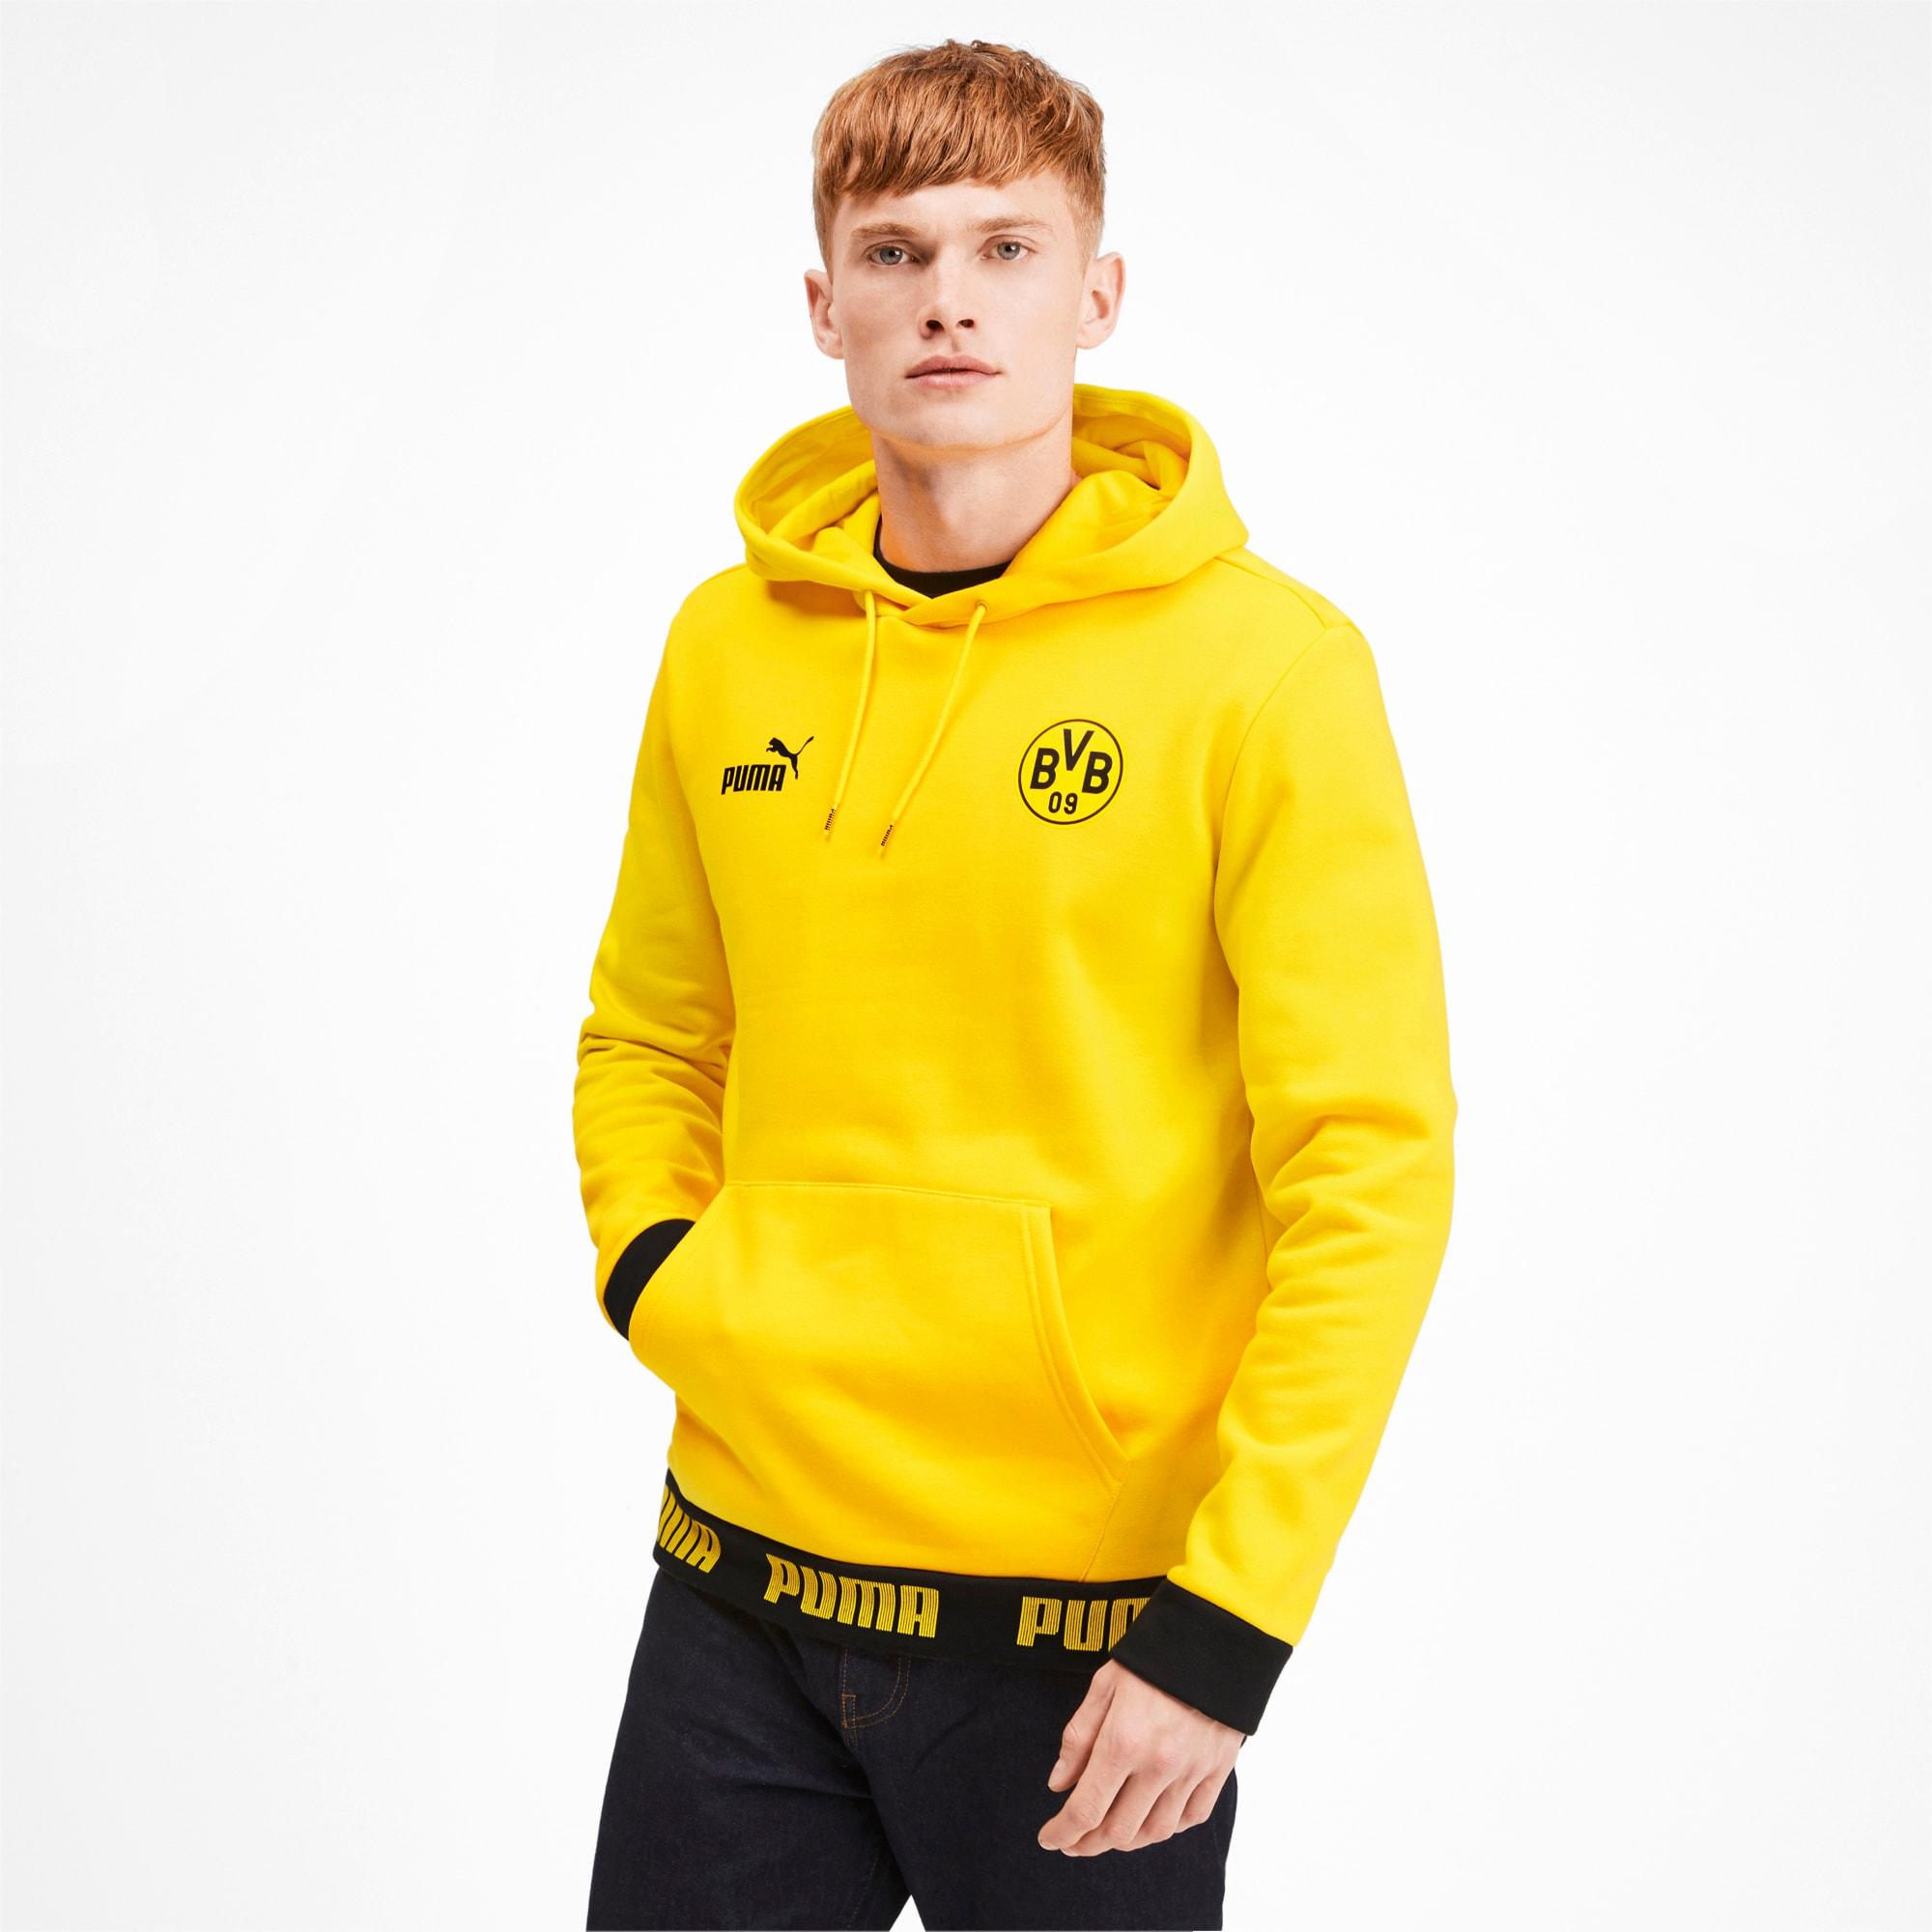 BVB Football Culture Herren Hoodie | PUMA BVB | PUMA Deutschland